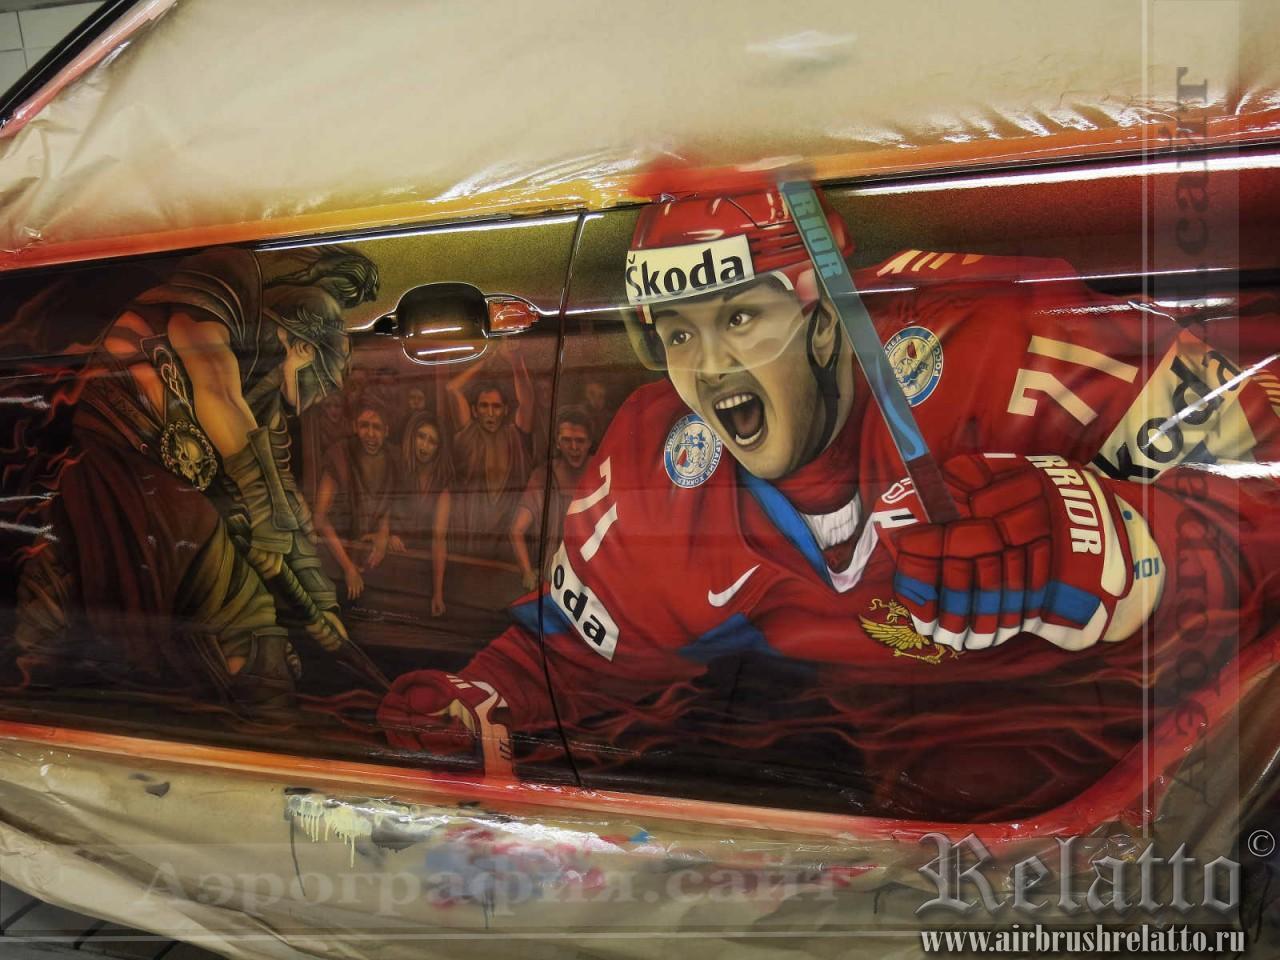 аэрография на автомобиле хоккей СКА Питер в Белгороде